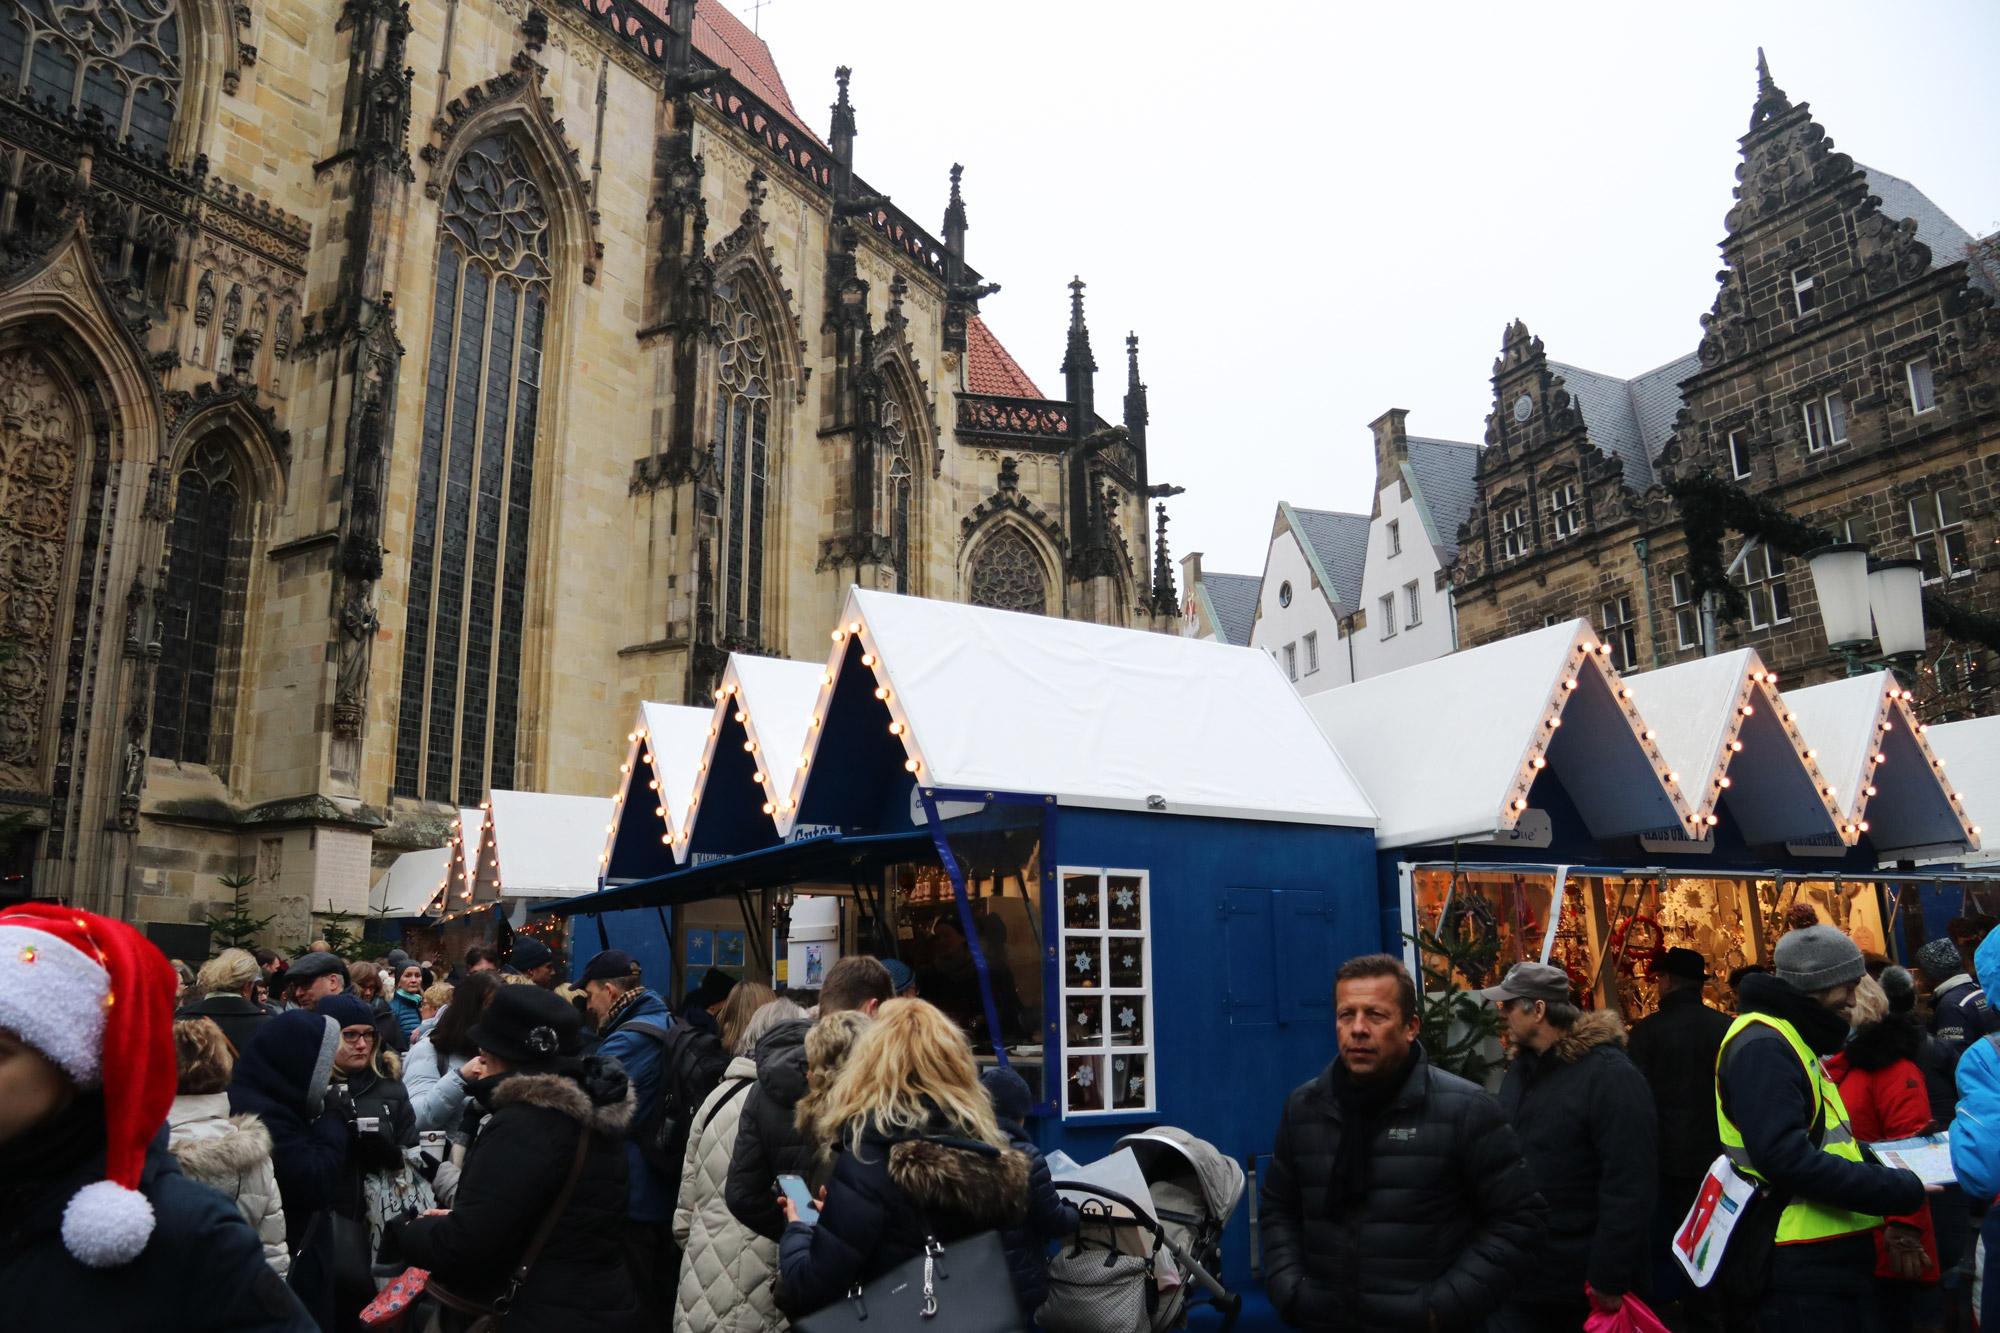 Münster kerstmarkt - St. Lamberti Weihnachtsmarkt